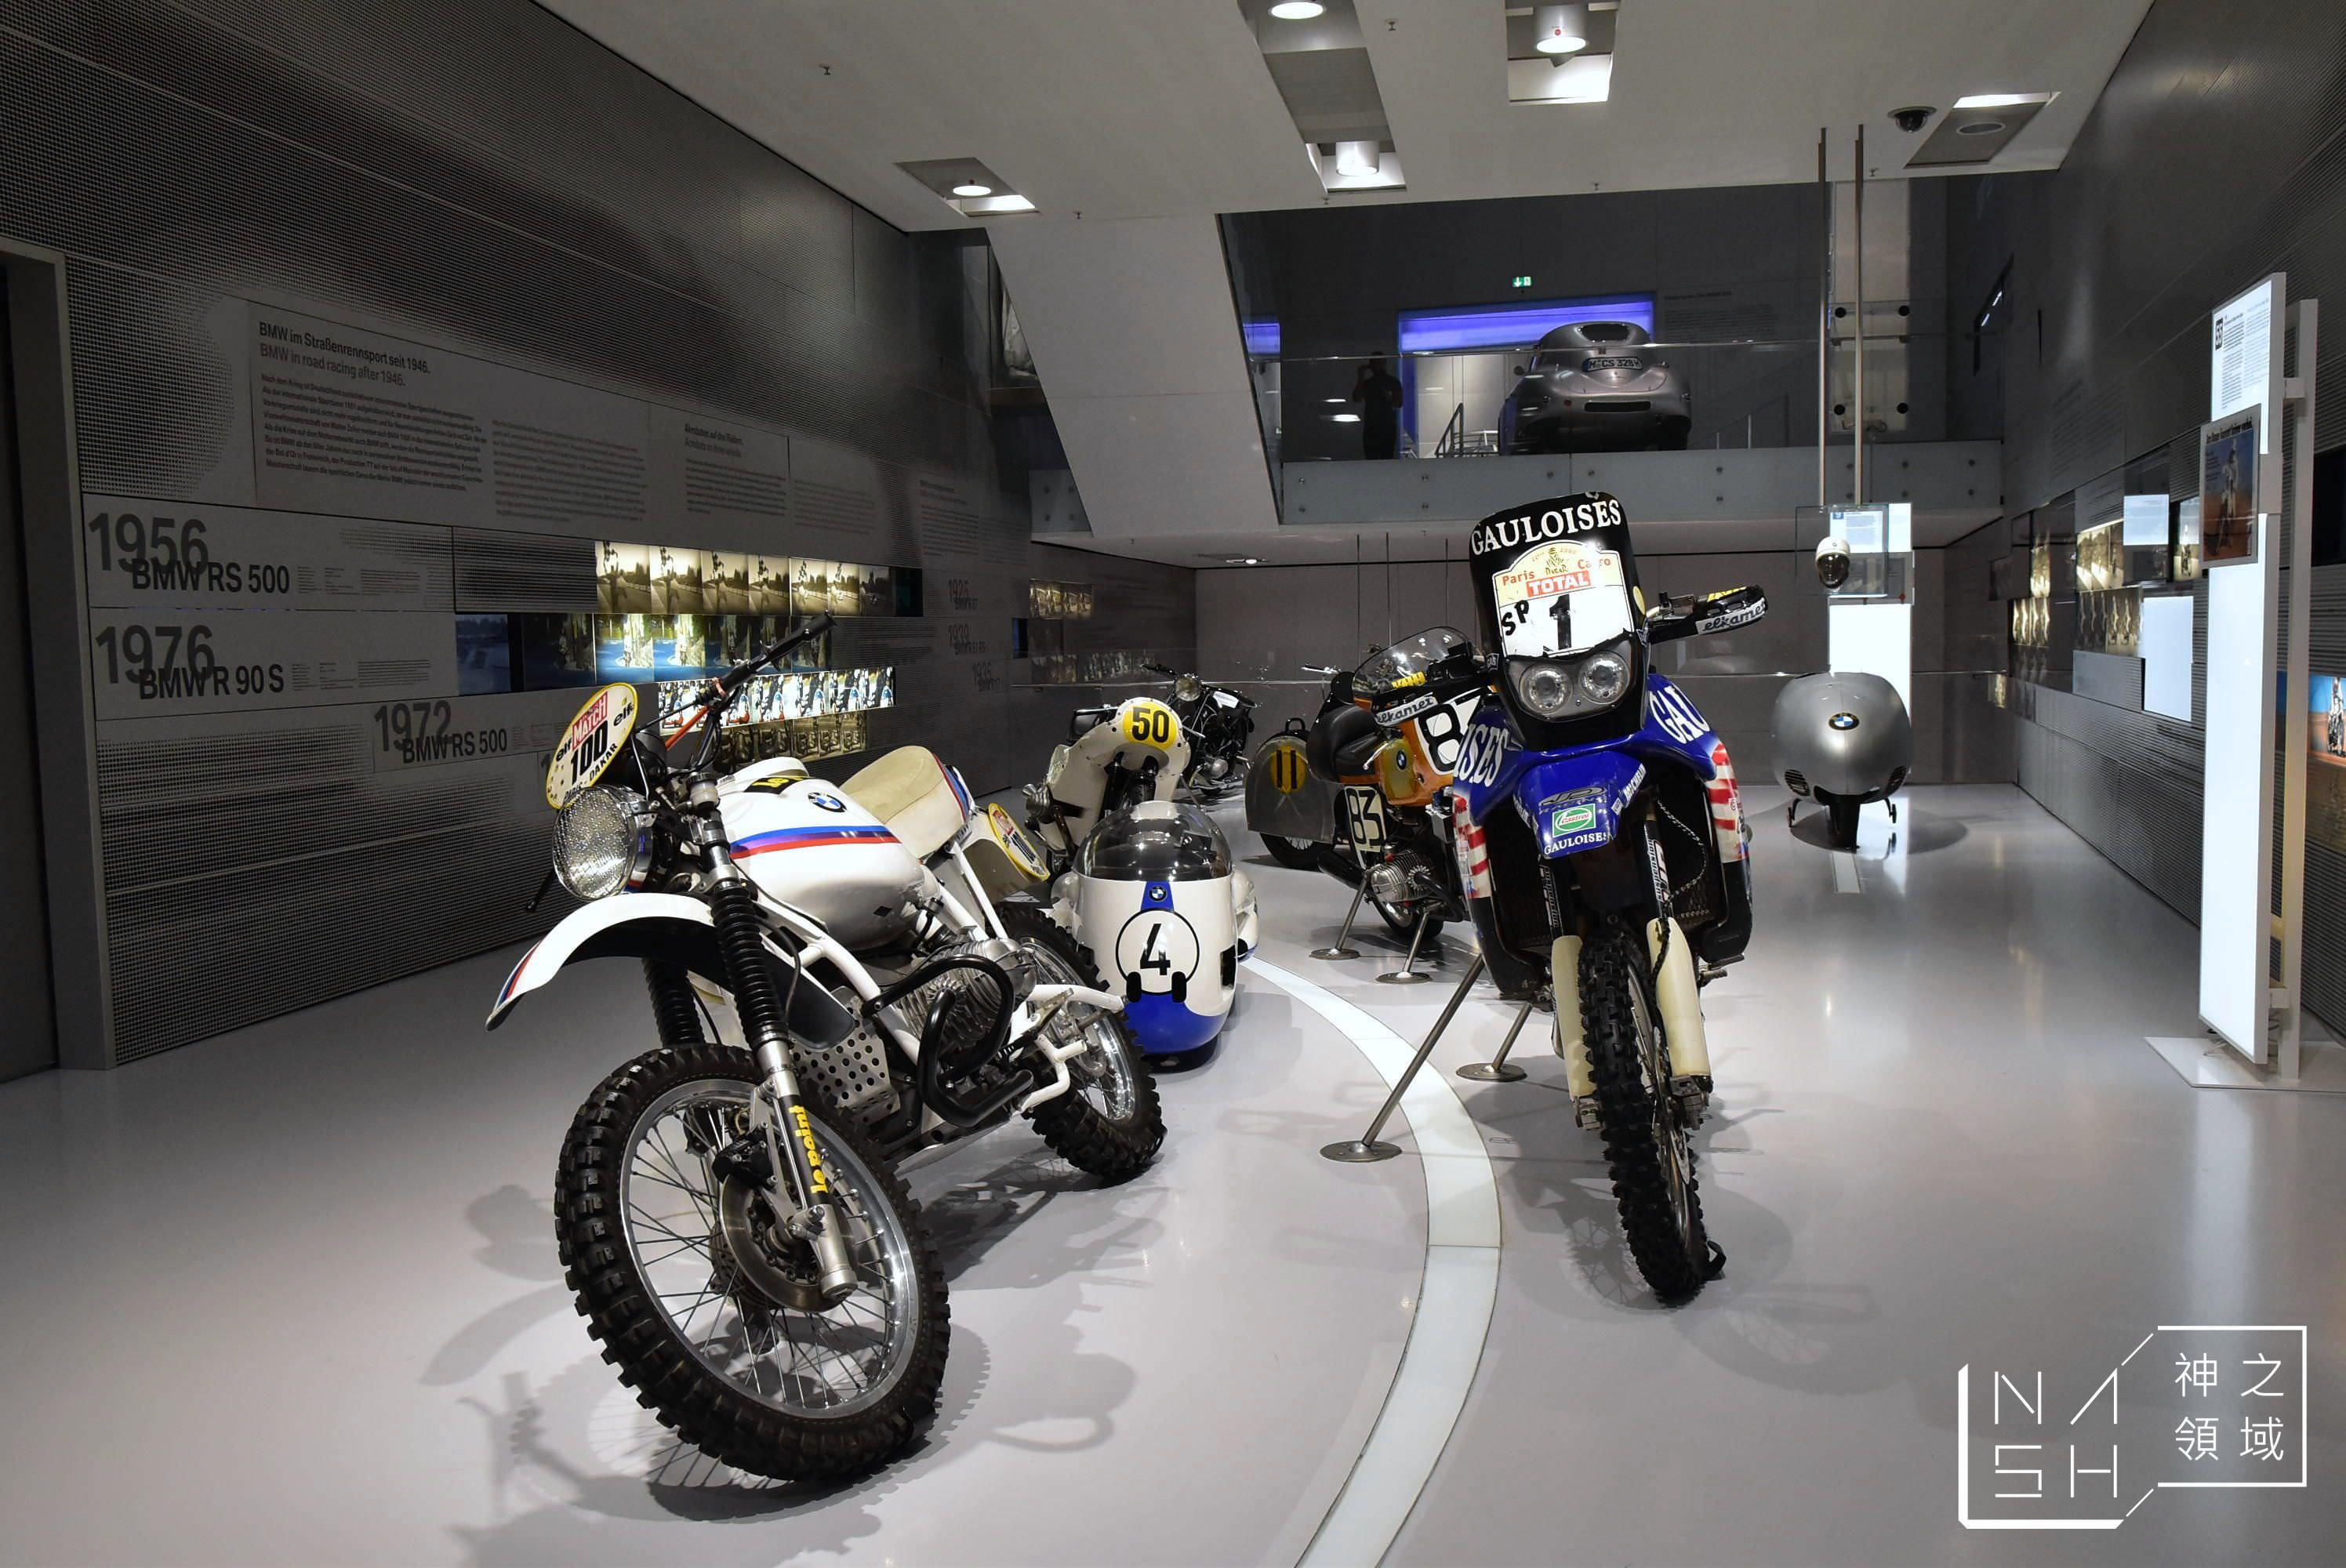 BMW博物館,BMW Meseum,德國慕尼黑景點推薦